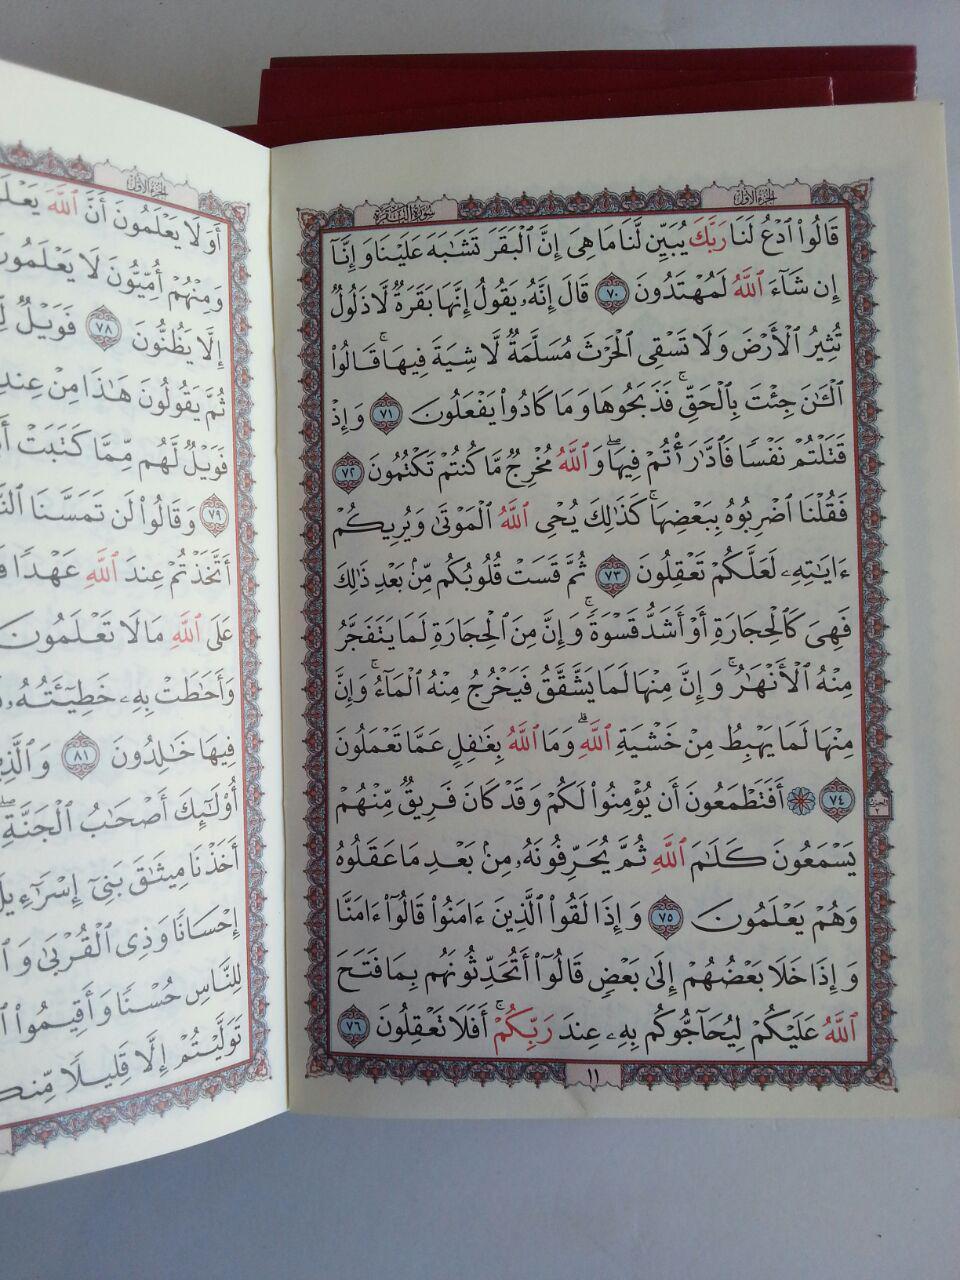 Al-Qur'an Impor Per Juz Tanpa Terjemah Ukuran 8x12 isi 2